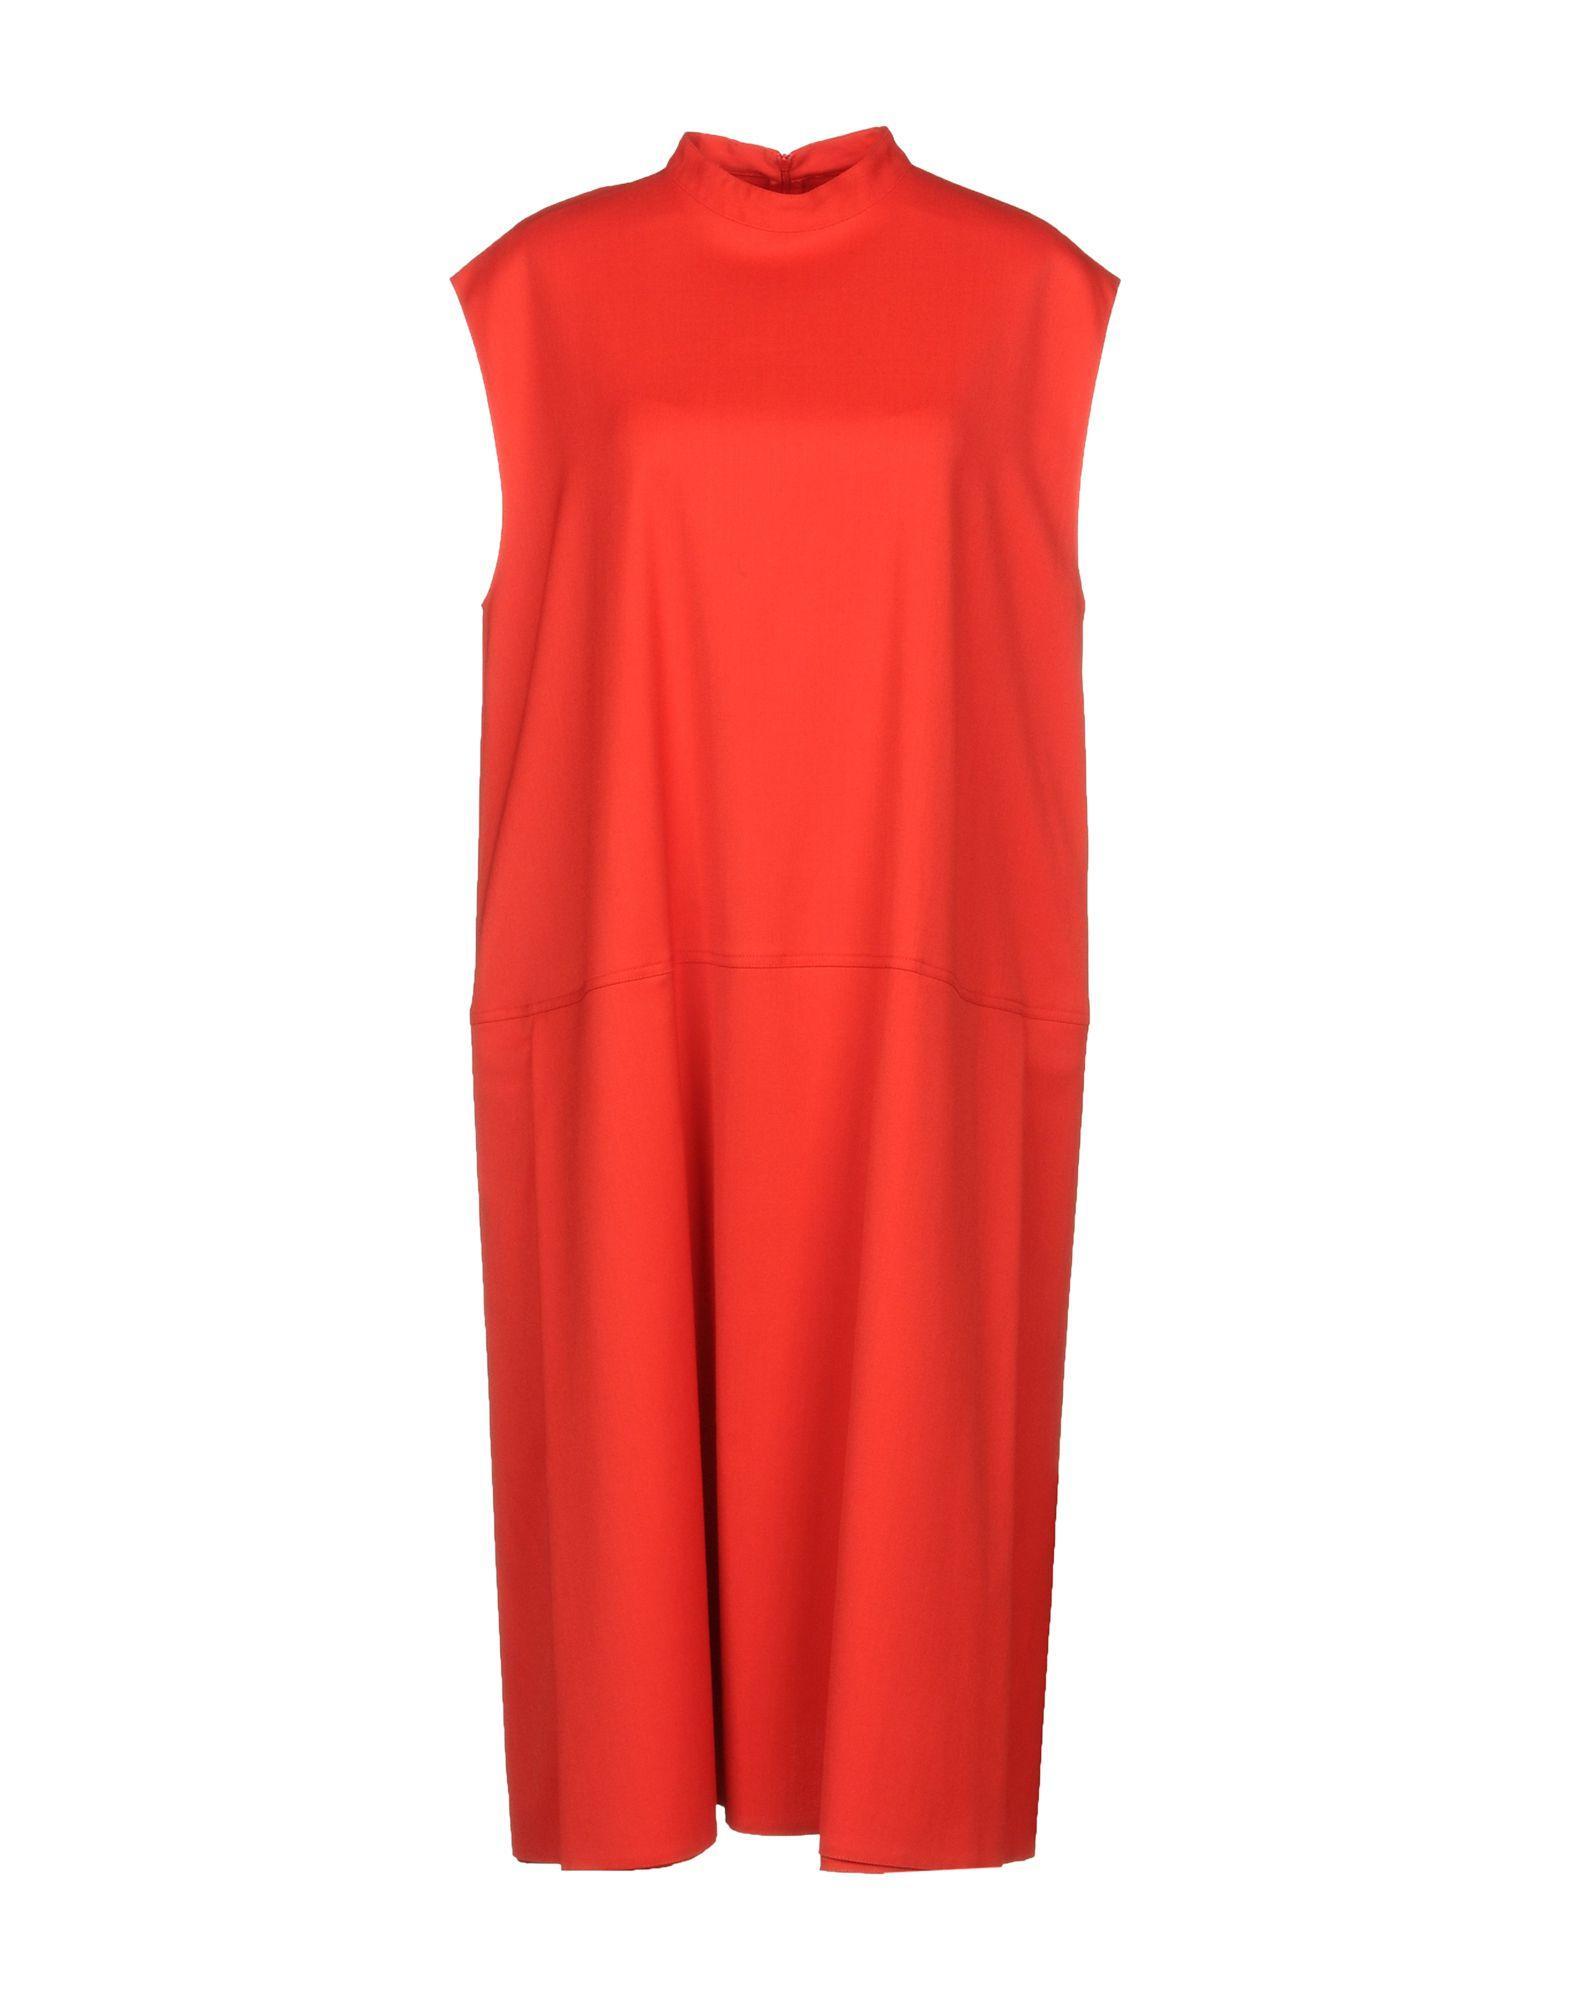 Mm6 Maison Margiela Knee-length Dress In Red